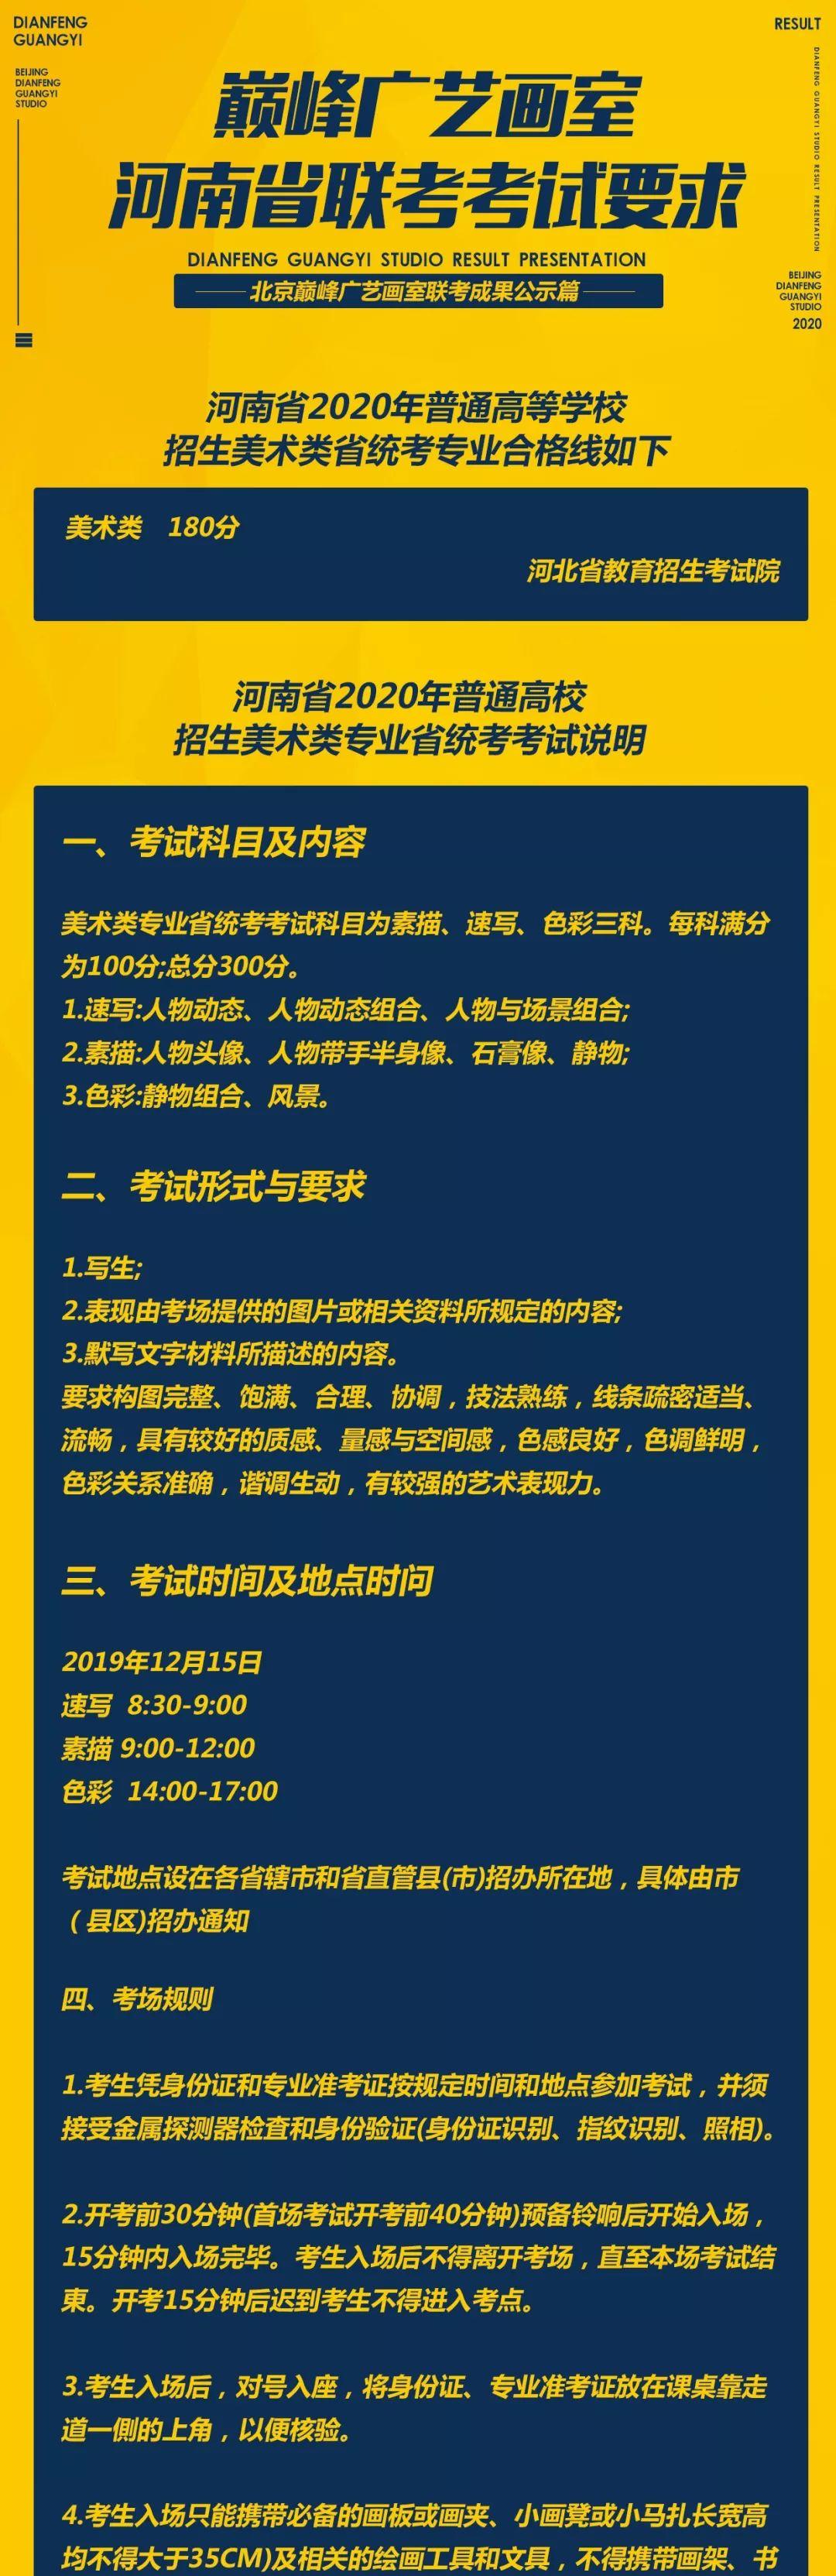 斩获285分!【联考战绩展】巅峰广艺河南省联考战绩展         13